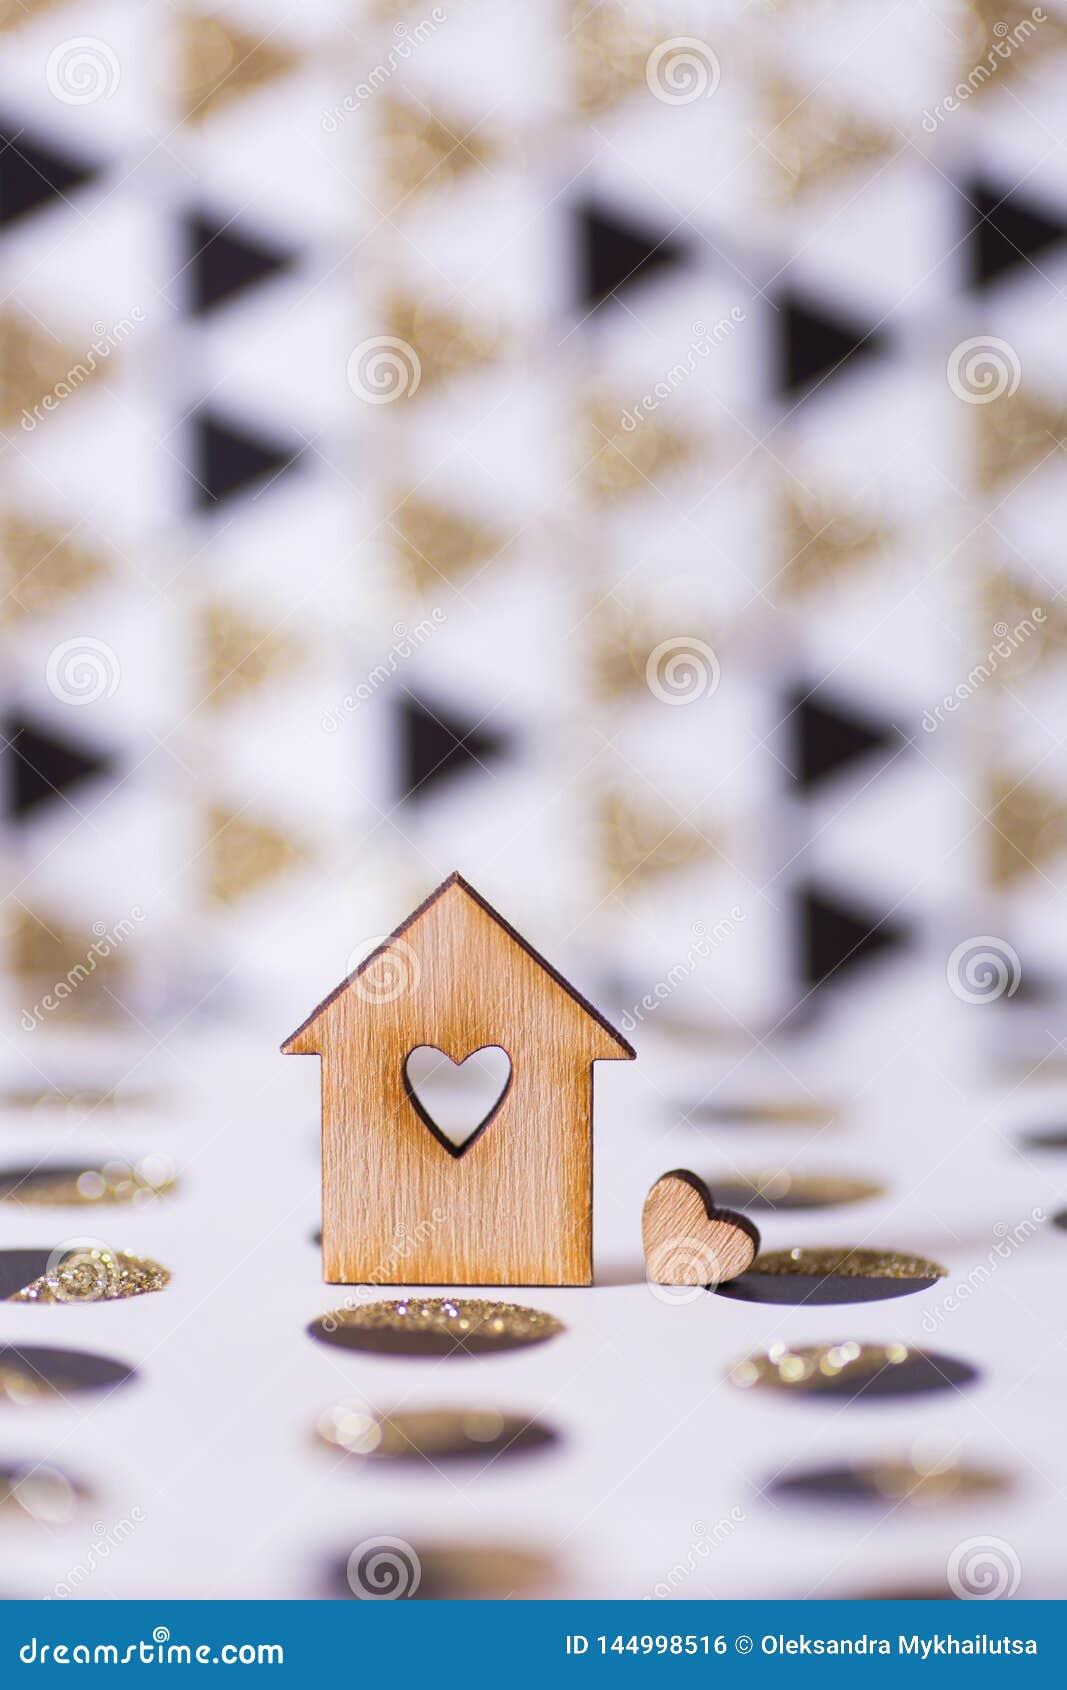 Casa de madeira do close up com furo no formulário do coração no fundo abstrato geométrico com brilho dourado